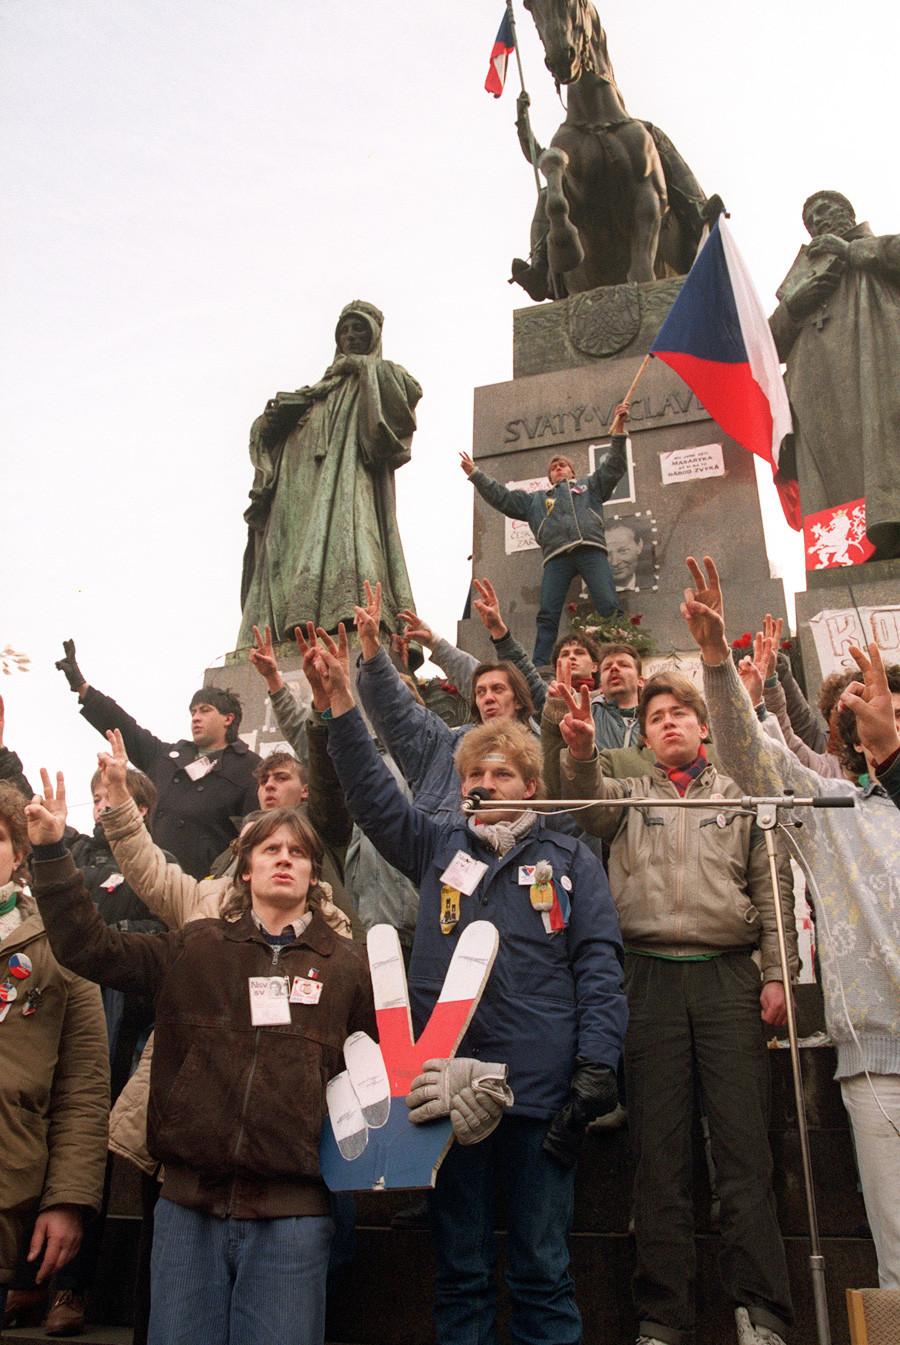 ビロード革命中のチェコスロバキア、プラハ、1989年12月11日